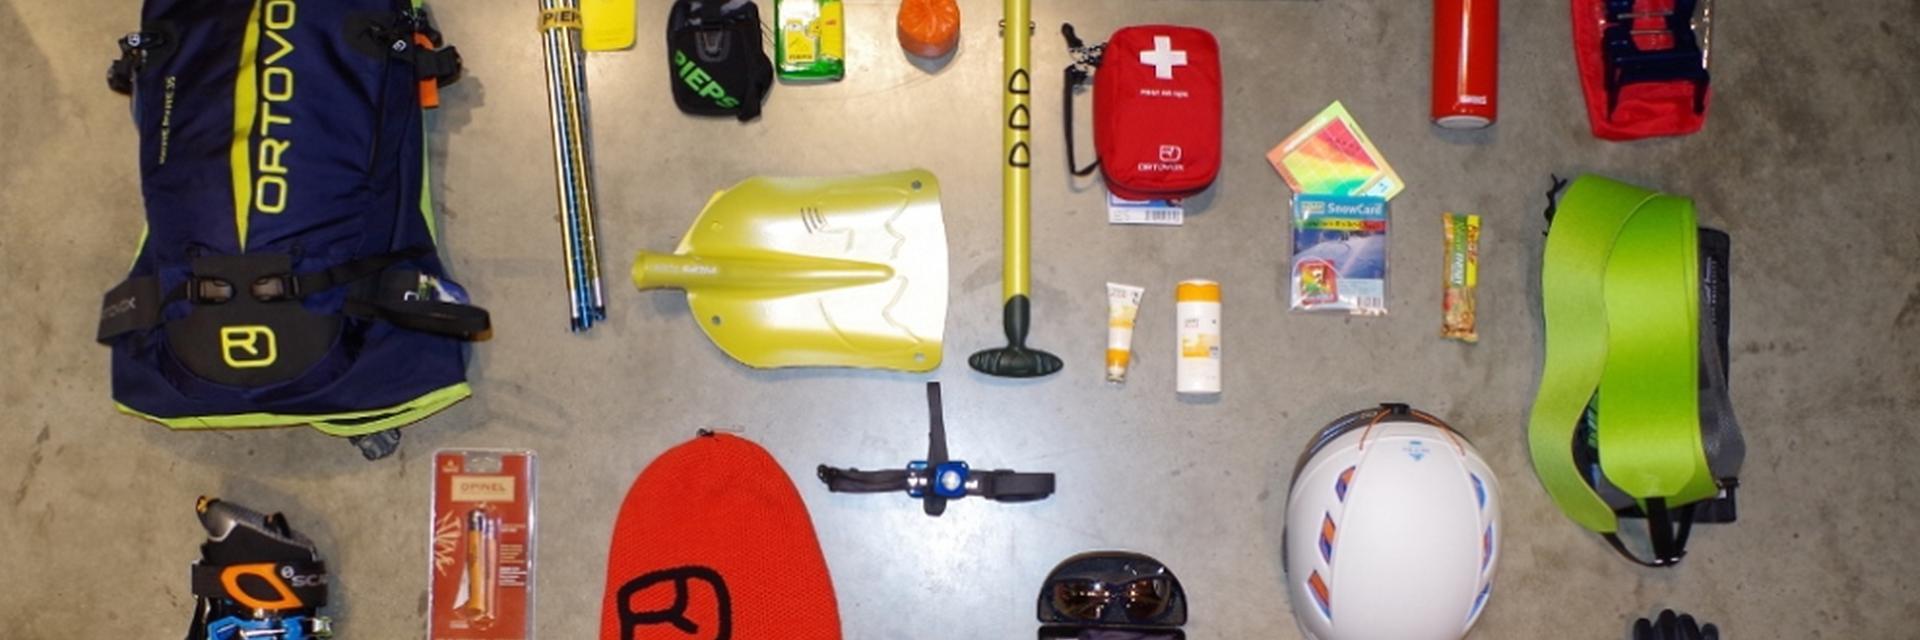 Eine komplette Skitouren Ausrüstung auf dem Boden abgelegt.